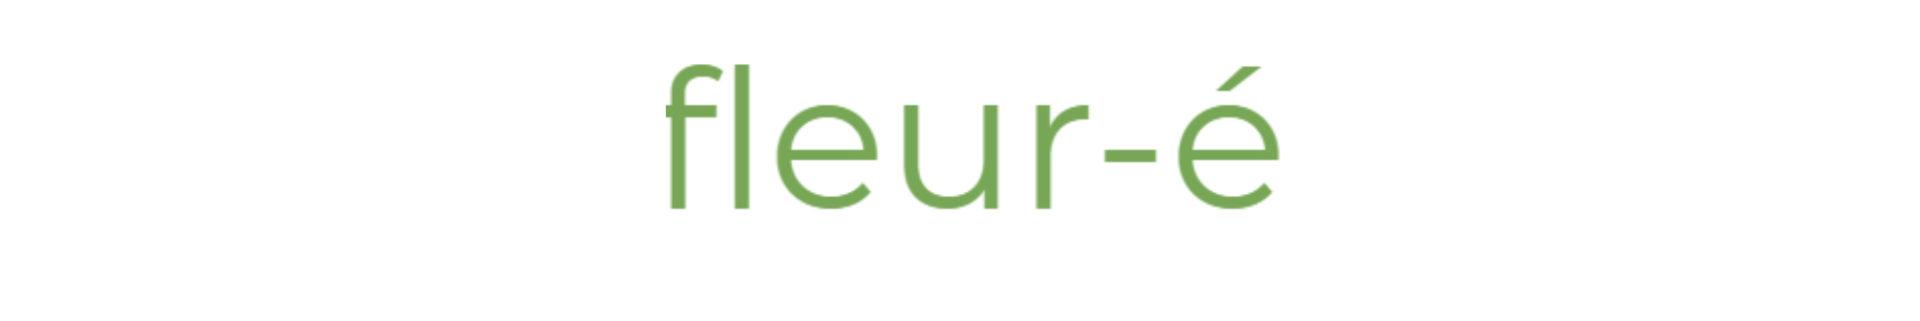 fleur-eロゴ